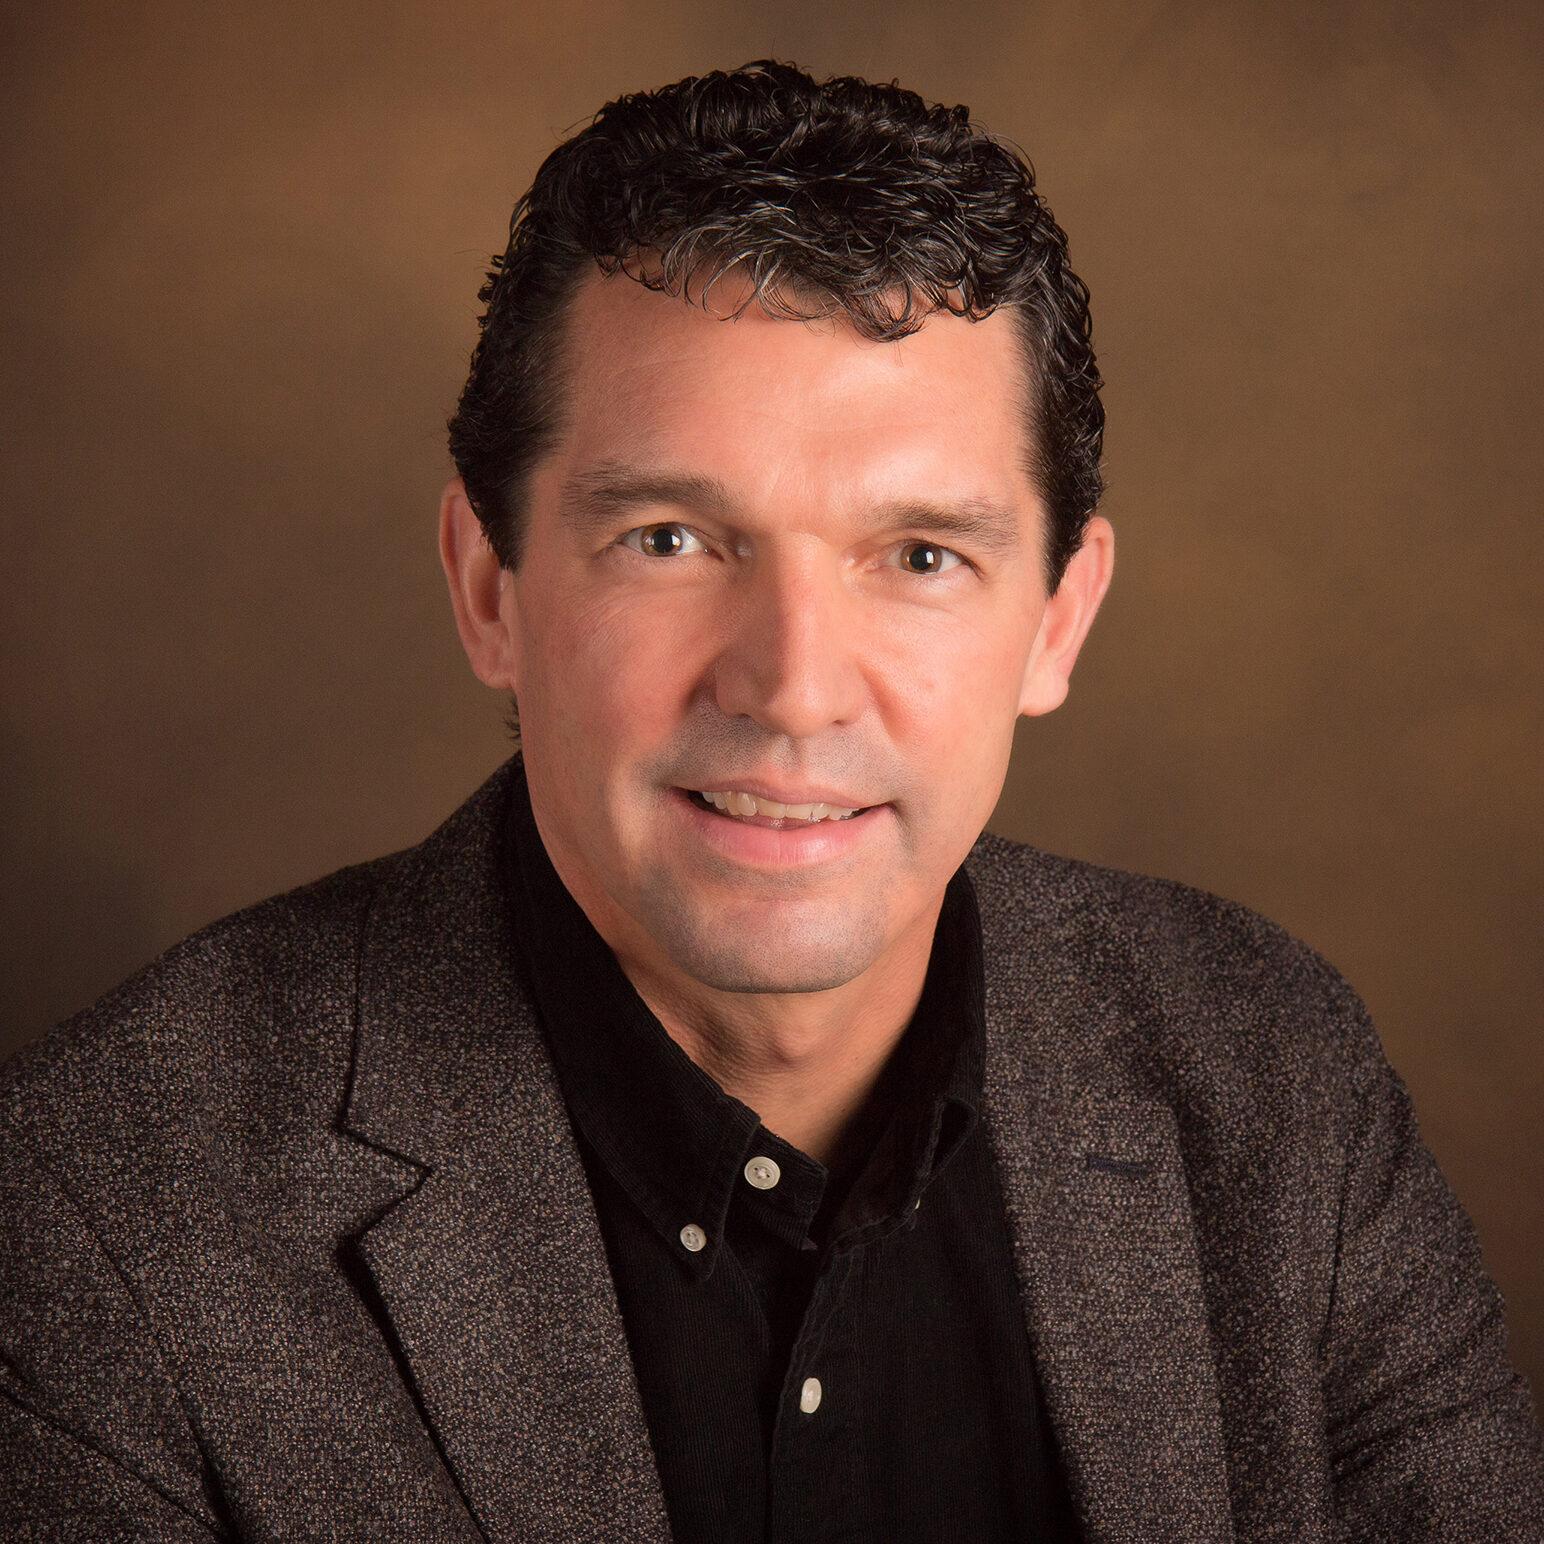 Joe Paulsen